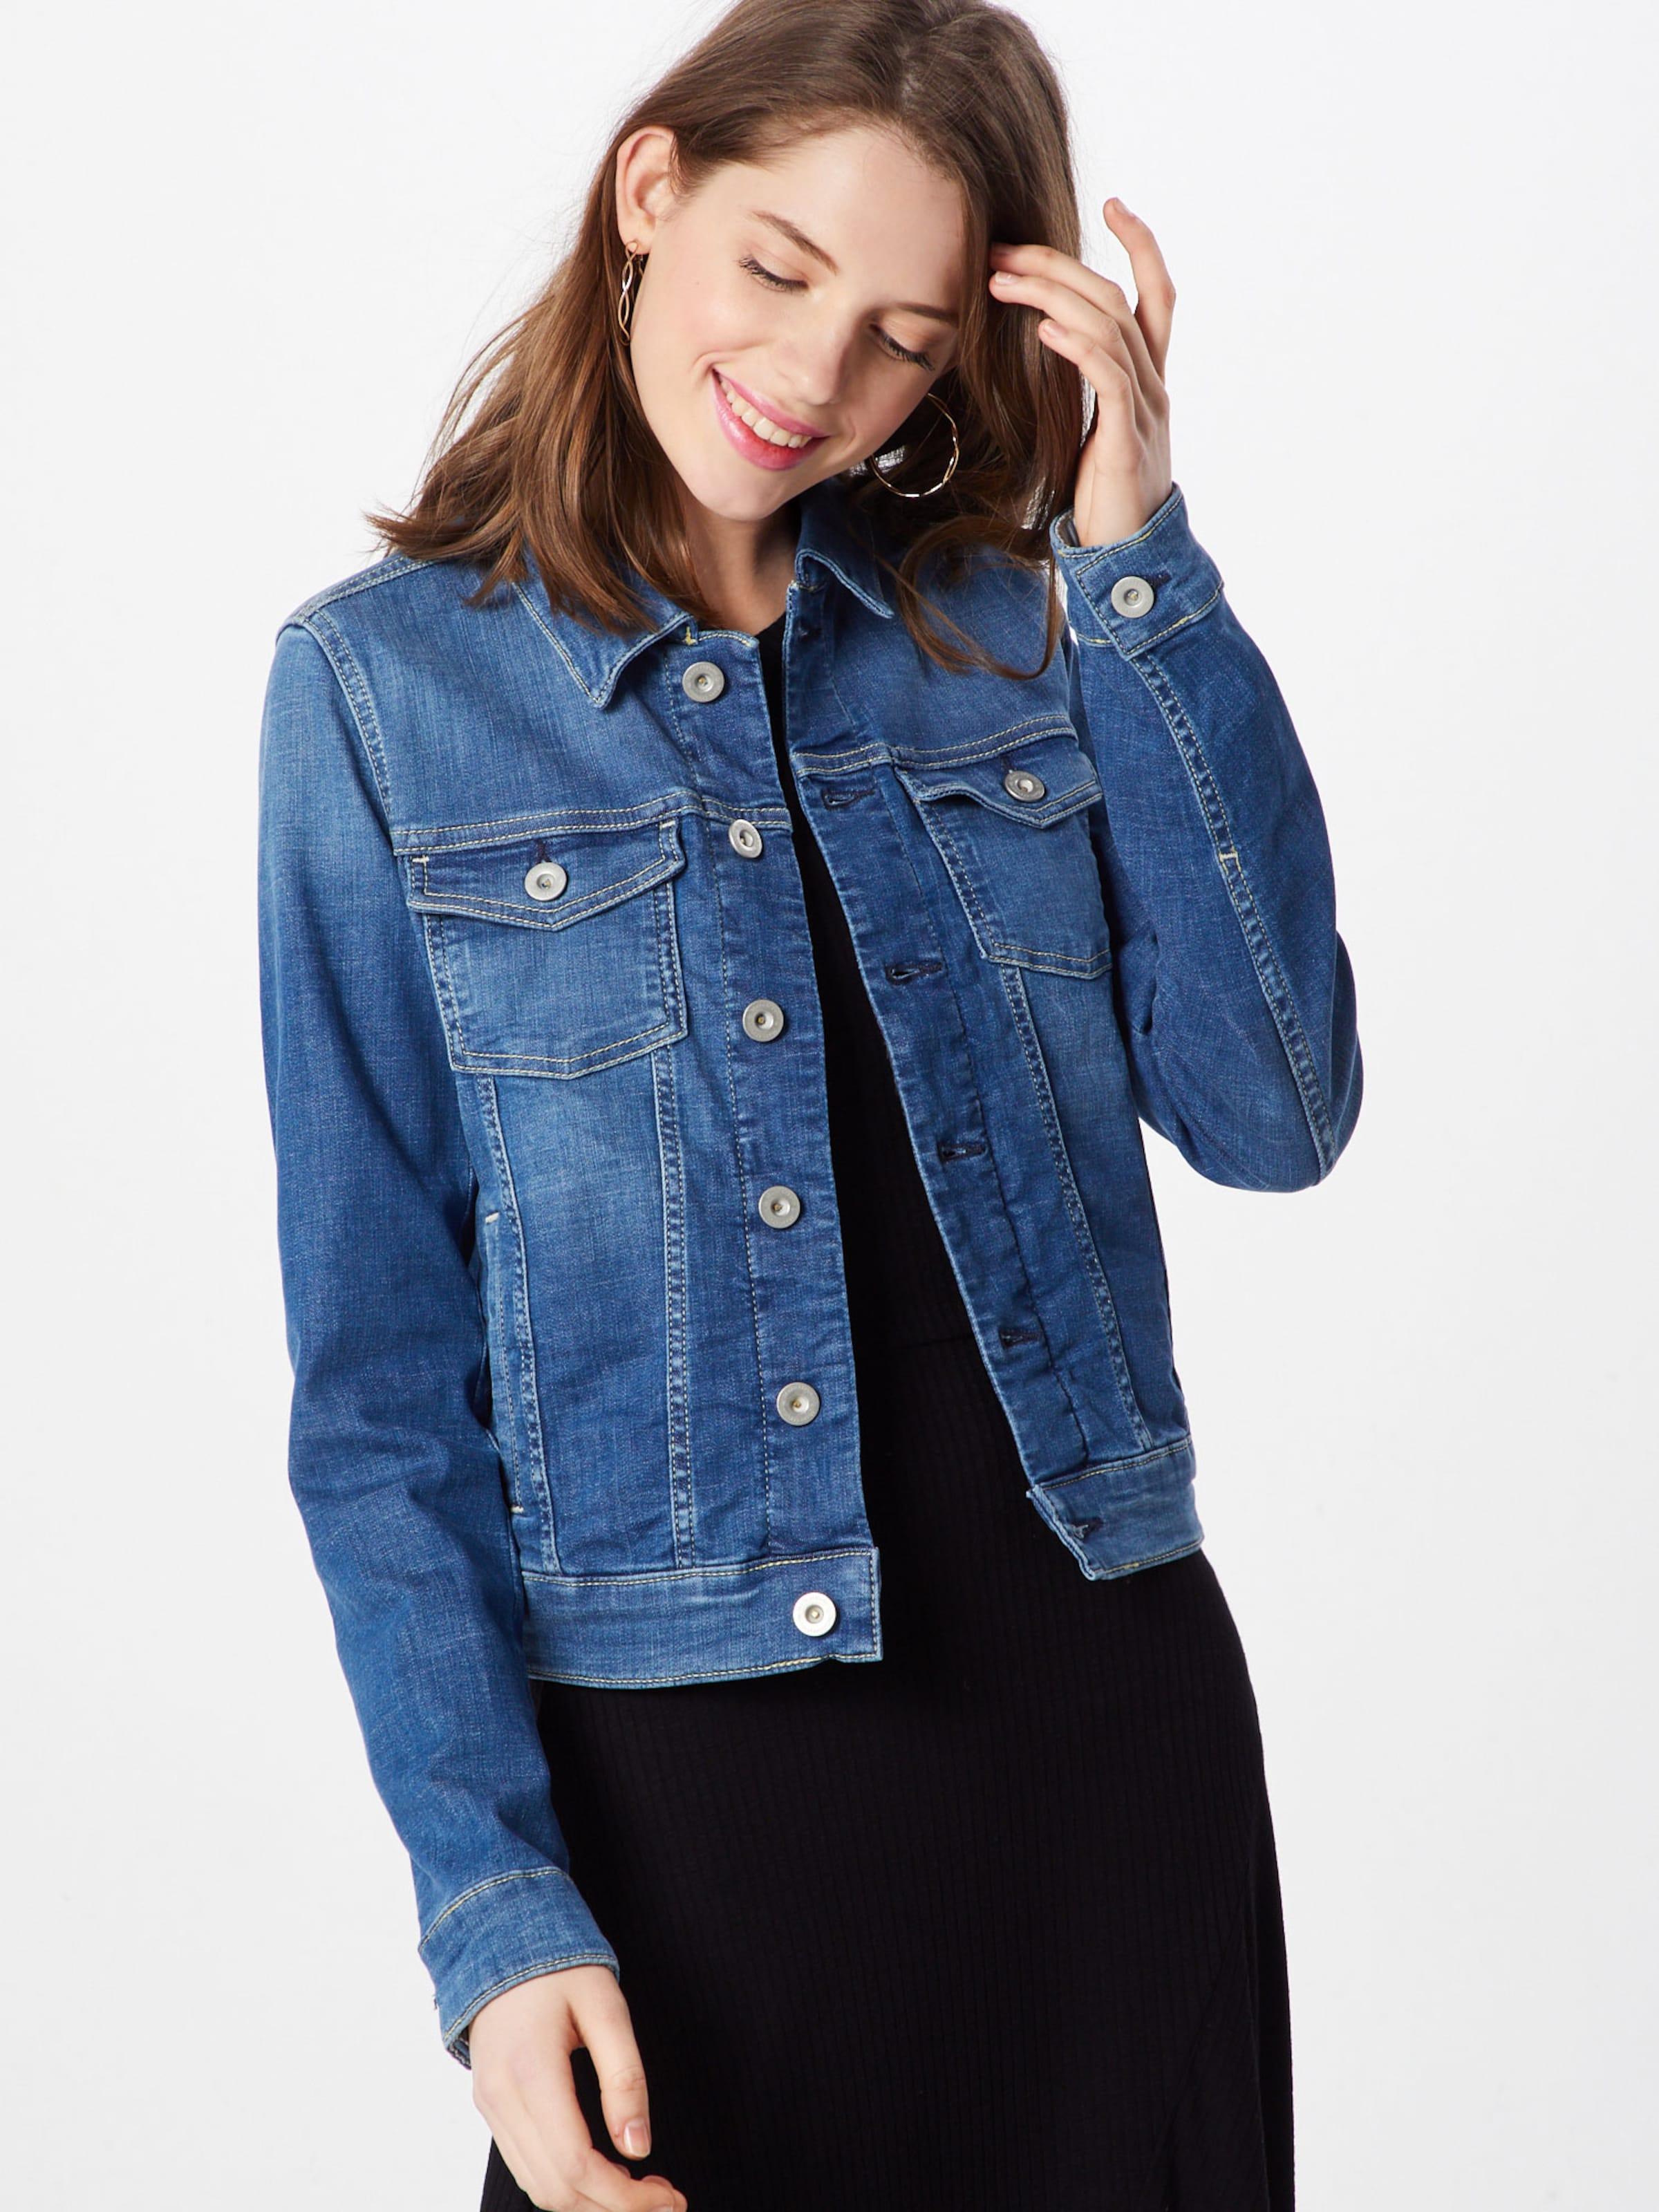 Jacket' Denim Blue Jacke Marc 'denim O'polo In DHIW9E2Y